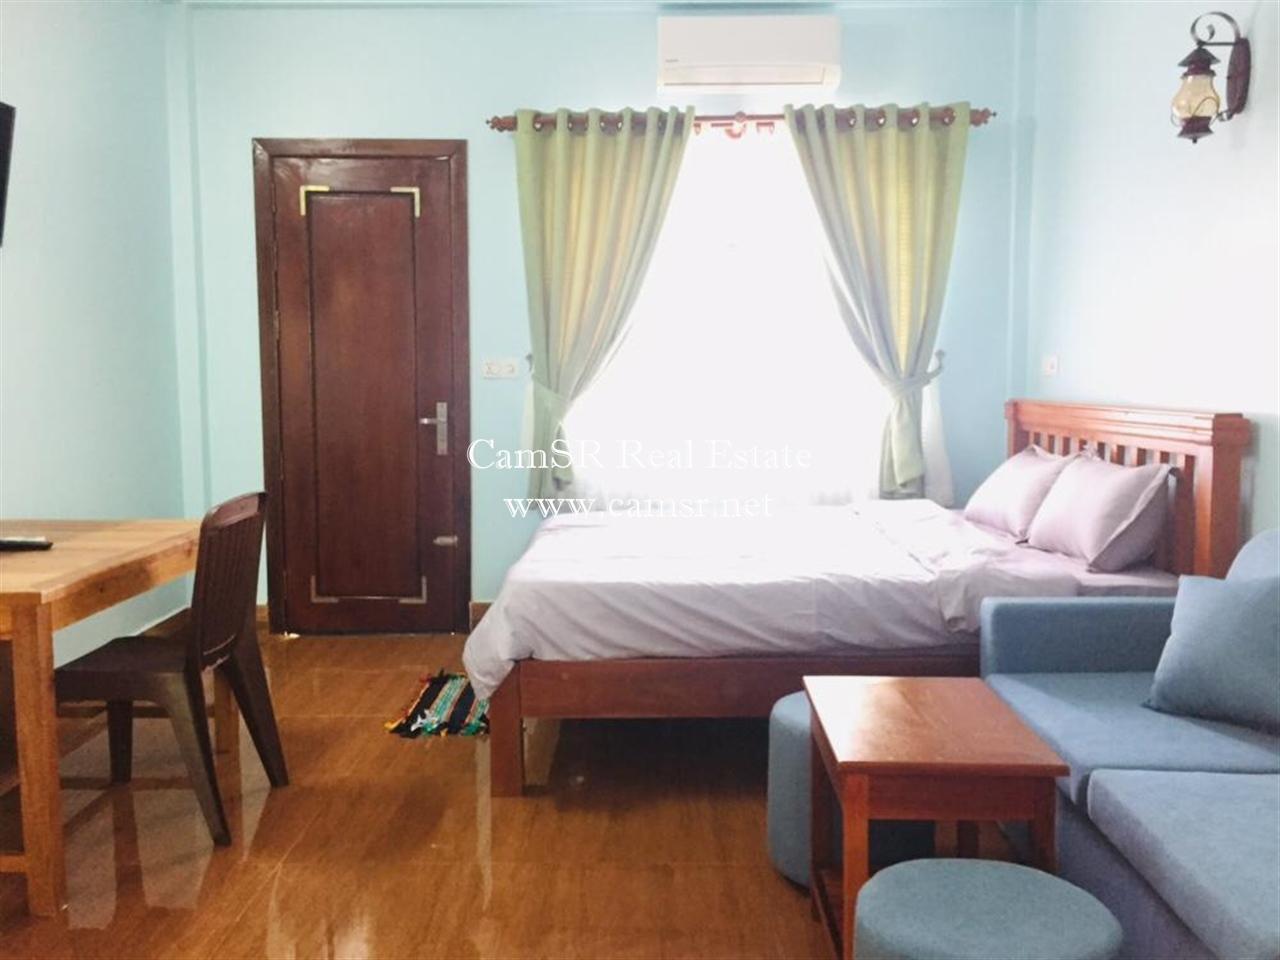 Apartment for Rent in Siem Reap-Svay Dangkum